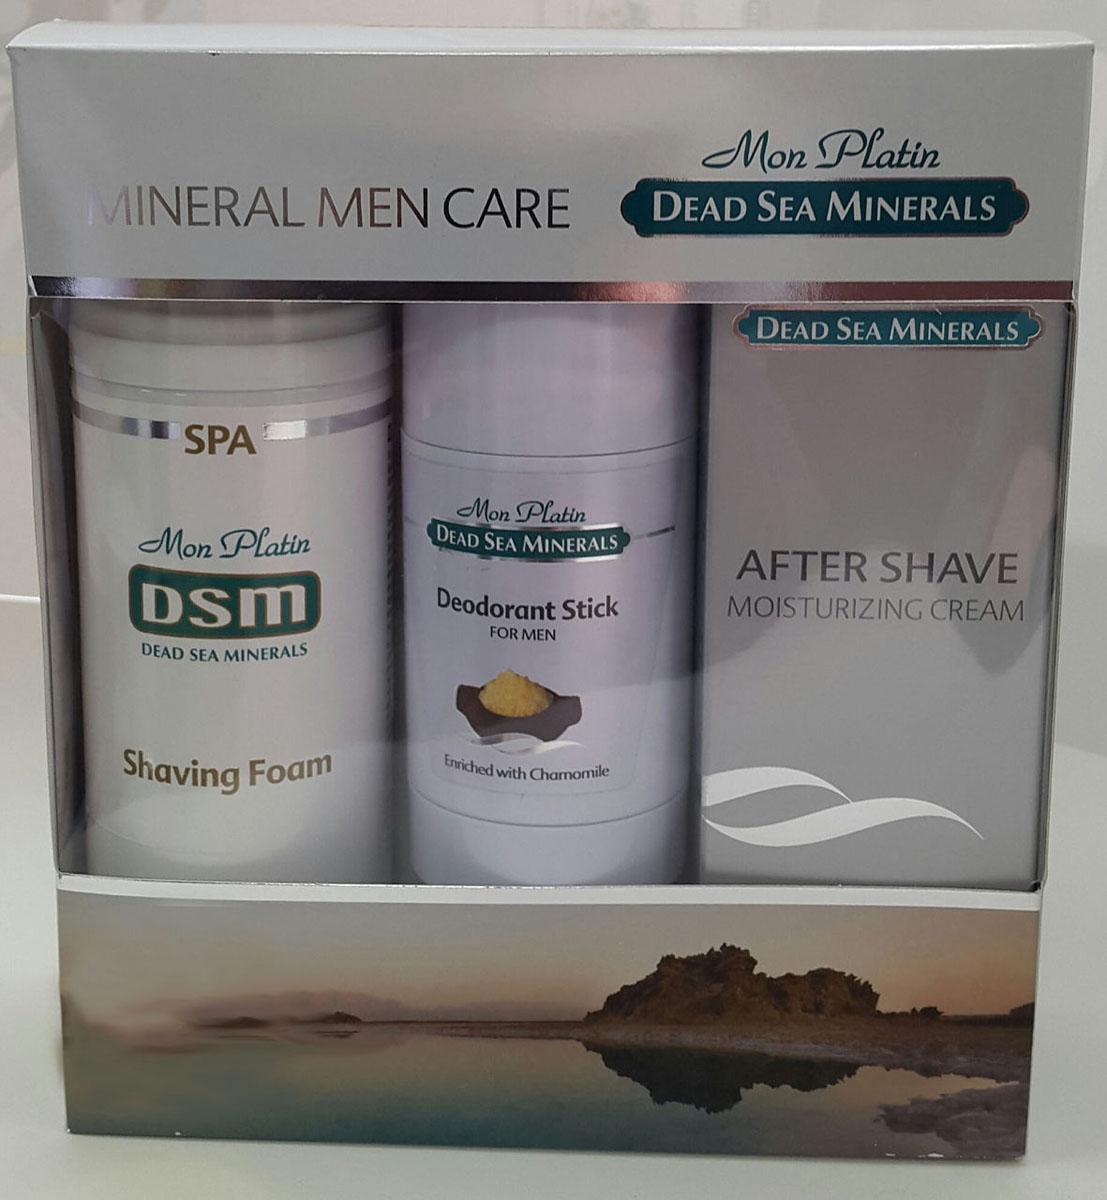 Mon Platin DSM Подарочный набор для мужчин для лица (Увлажняющая эмульсия после бритья 150 мл, Пена для бритья 250 мл, Дезодорант для мужчин 80 мл )101477-258Подарочный набор для мужчин Mon Platin серии Dead Sea Minerals, включает в себя пену для бритья 250 мл, увлажняющую эмульсию после бритья 150 мл и дезодорант для мужчин 80 мл. Пена для бритья обеспечивает легкий и качественный процесс бритья, надолго сохраняя кожу лица гладкой и чистой. Пена не вызывает раздражения и аллергии. Пена насыщена Минералами (26 минералов) и солью Мертвого моря, что благоприятно влияет на питание и увлажнение кожи, обладает омолаживающим и регенерирующим эффектом. Увлажняющая эмульсия после бритья отличается деликатным воздействием: она смягчает, расслабляет кожу и предотвращает появление раздражения на ней. Бальзам после бритья прекрасно подходит для ежедневного применения. Дезодорант для мужчин эффективно нейтрализует неприятные запахи, не забивает поры, создает ощущение свежести в течение всего дня, не оставляет следов на одежде. Обладает приятным терпким ароматом. Содержит минералы и соль Мертвого моря, что благоприятно влияет на состояние кожи.